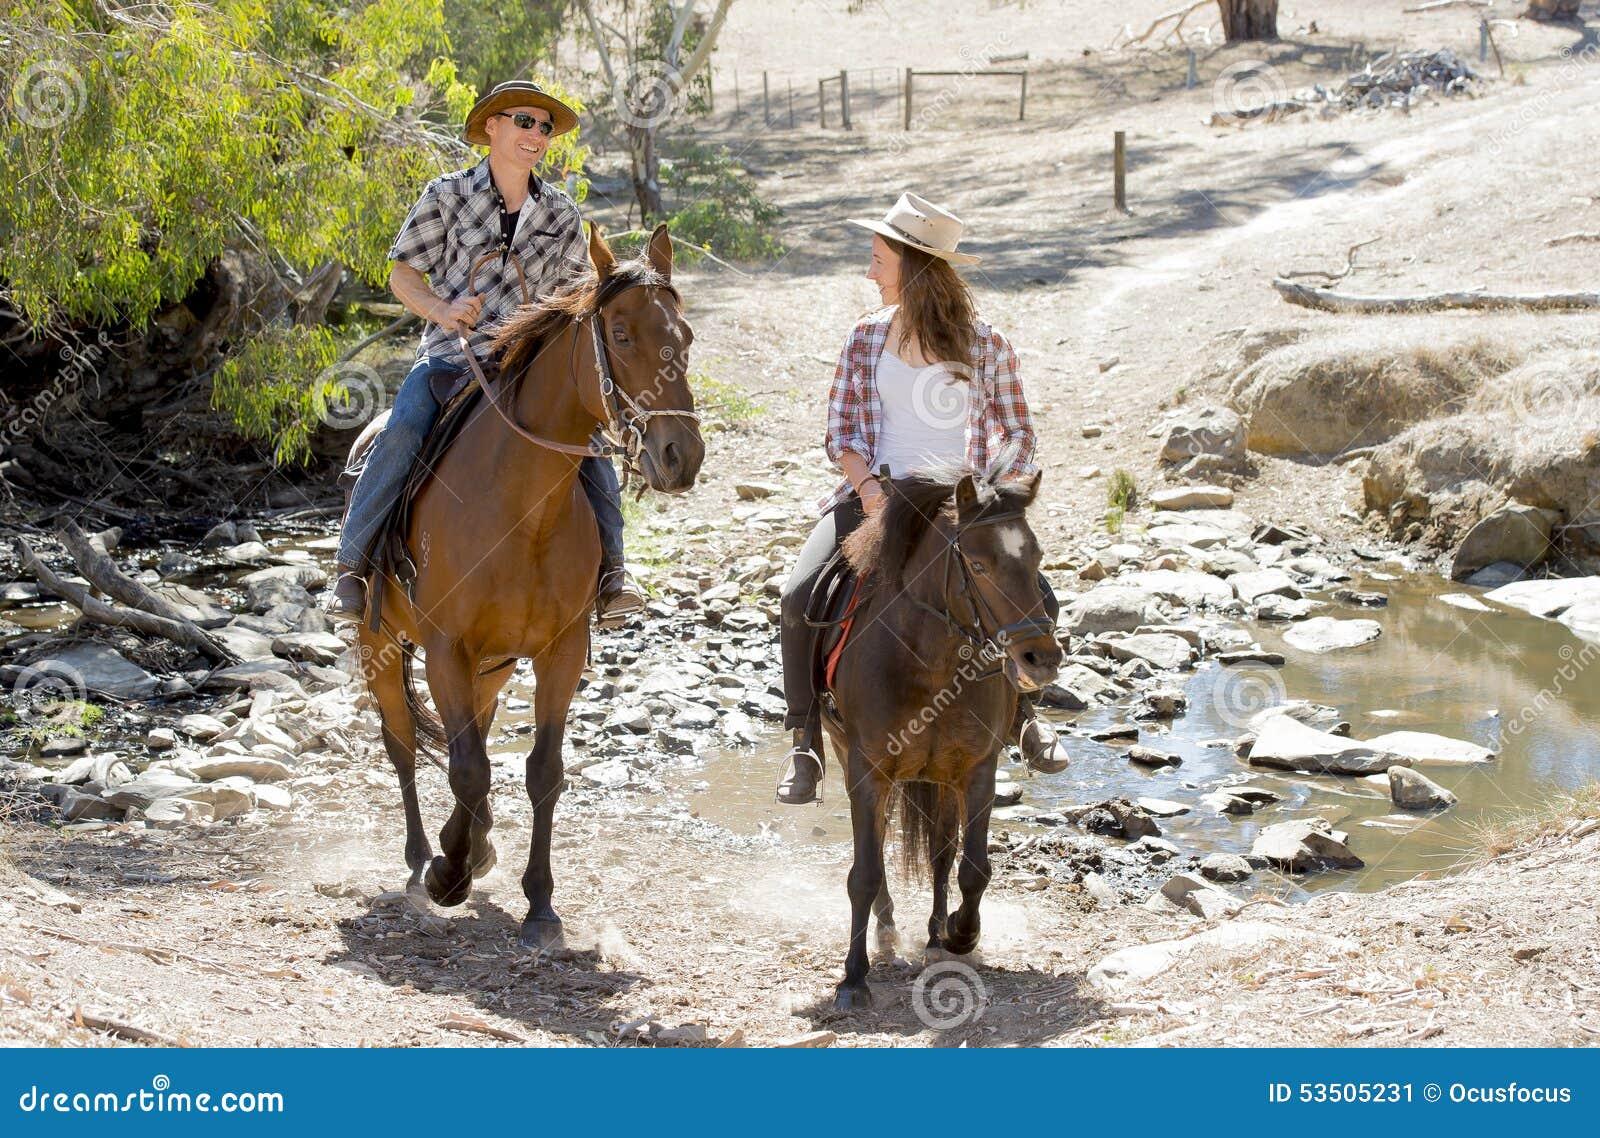 Padre joven como instructor del caballo de la hija adolescente joven que monta el sombrero de la vaquera del pequeño potro que ll